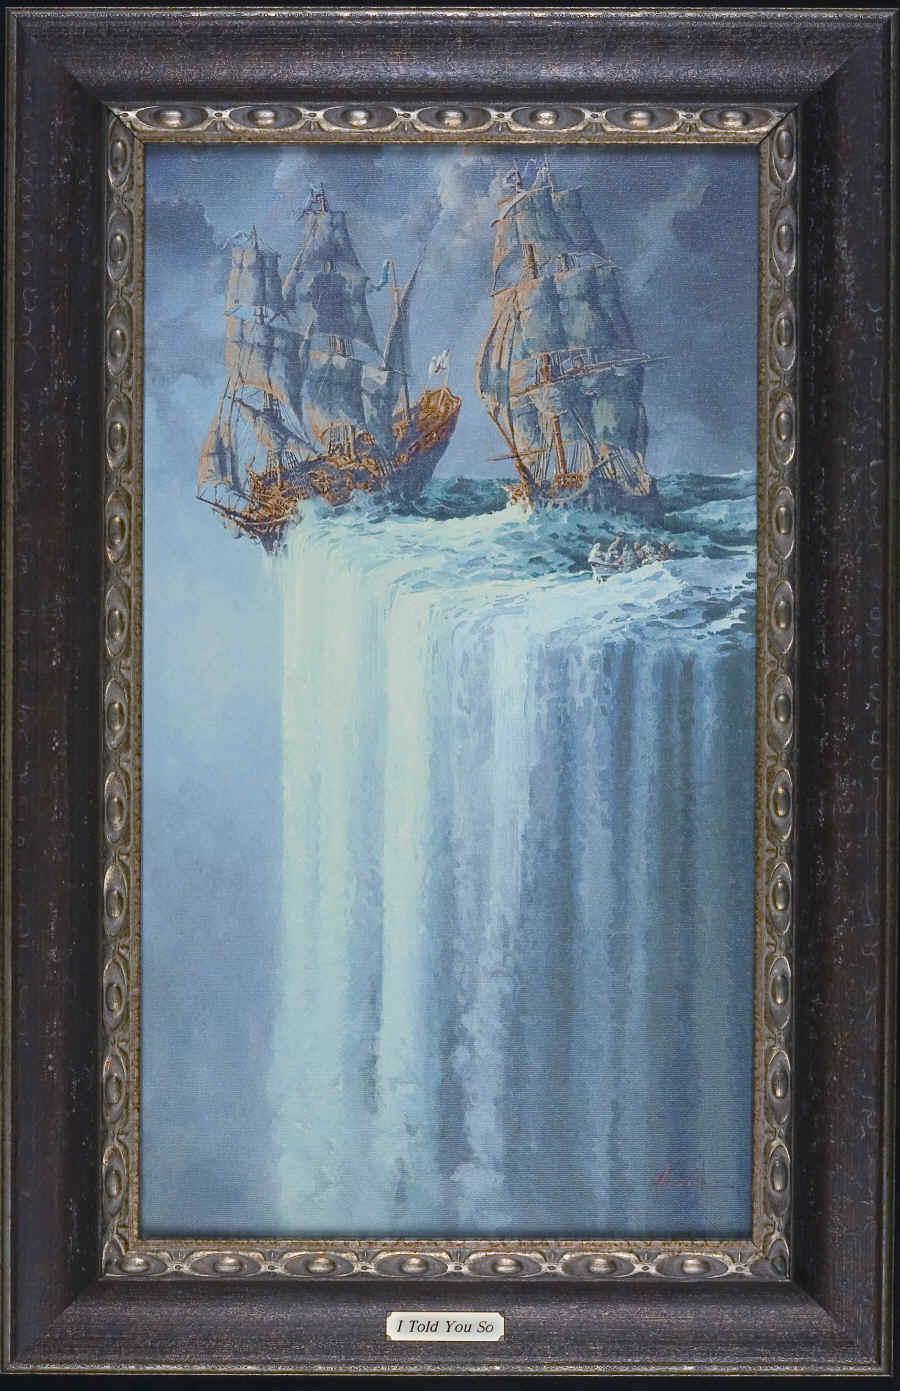 ed-miracle-painting-ship-ocean.jpg